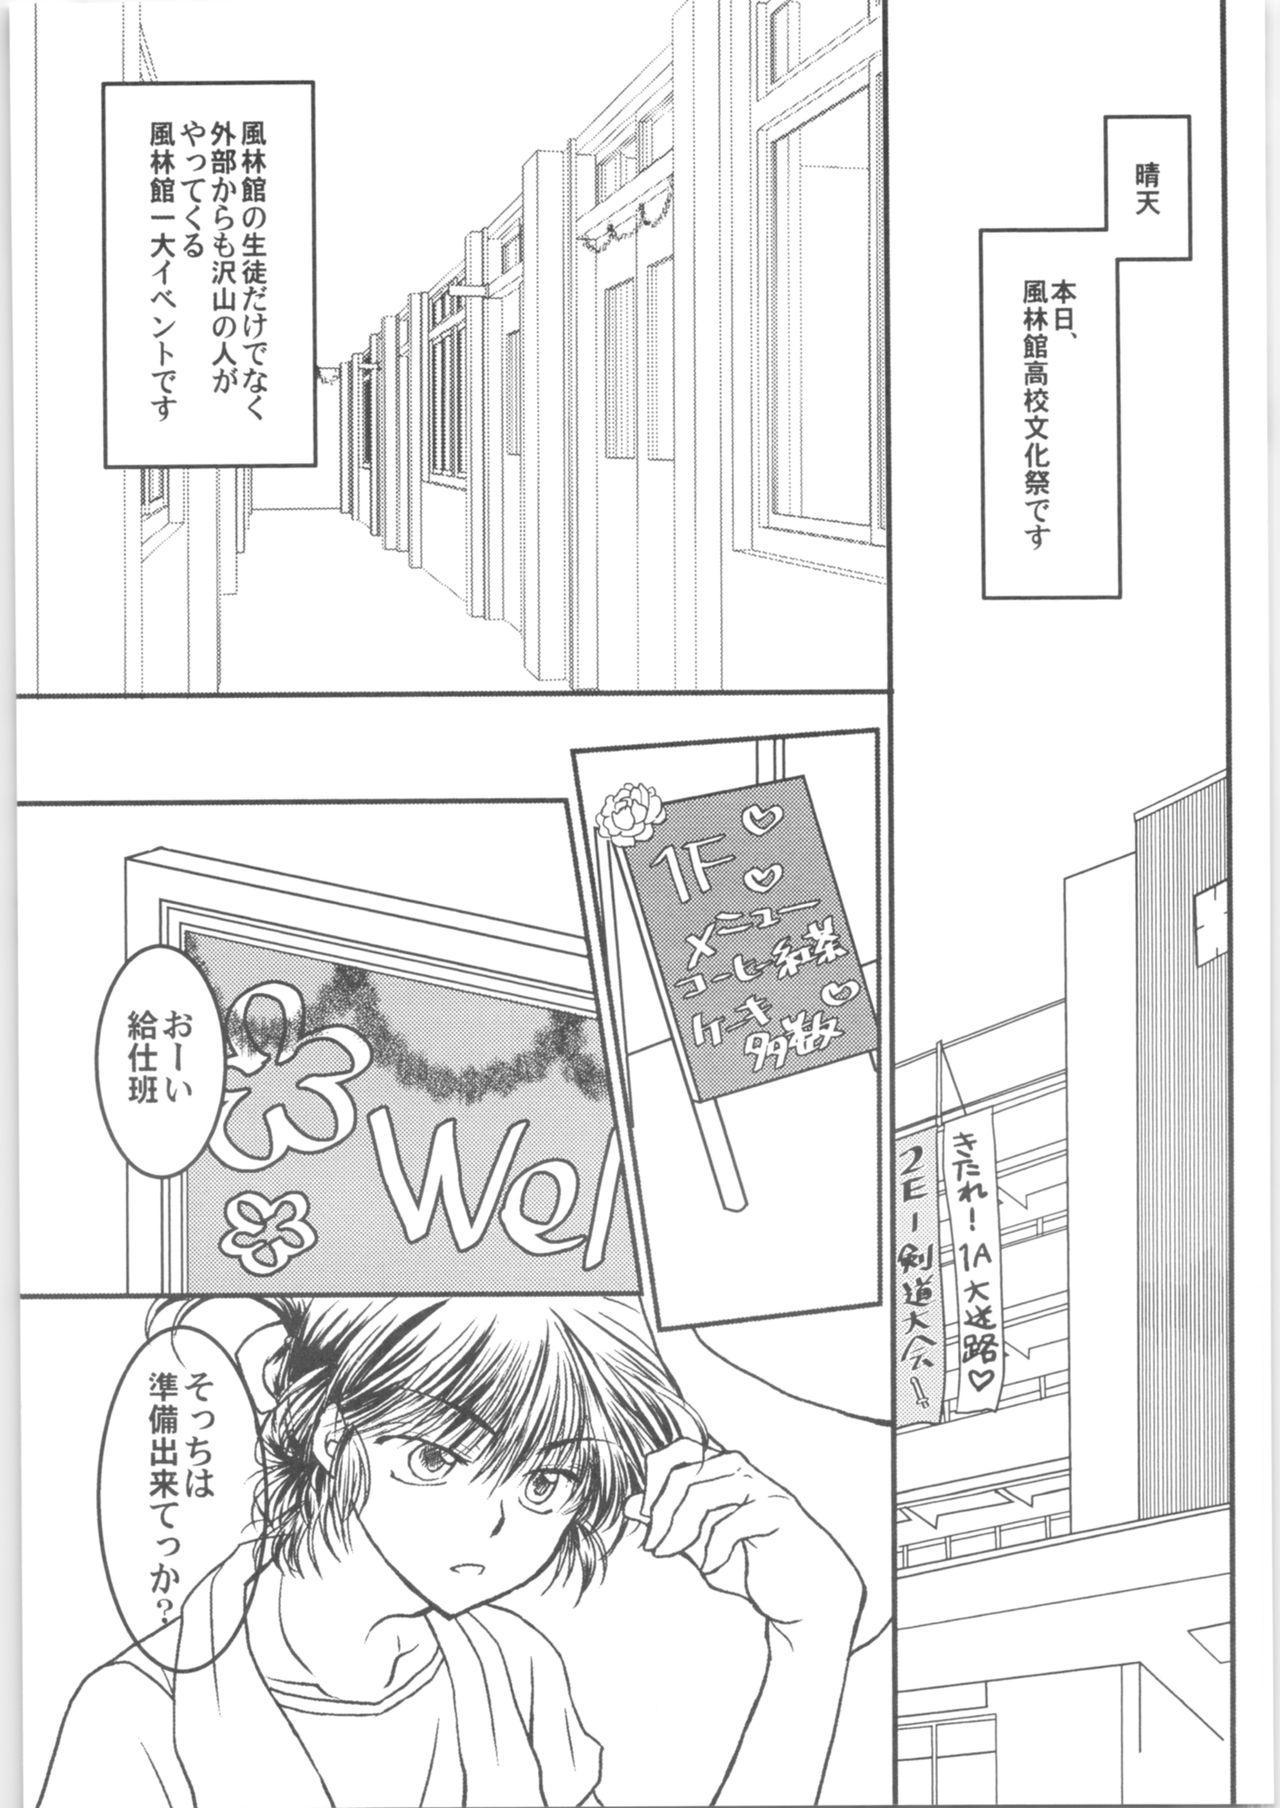 Iinazuke ga Neko ni Narimashite. 27